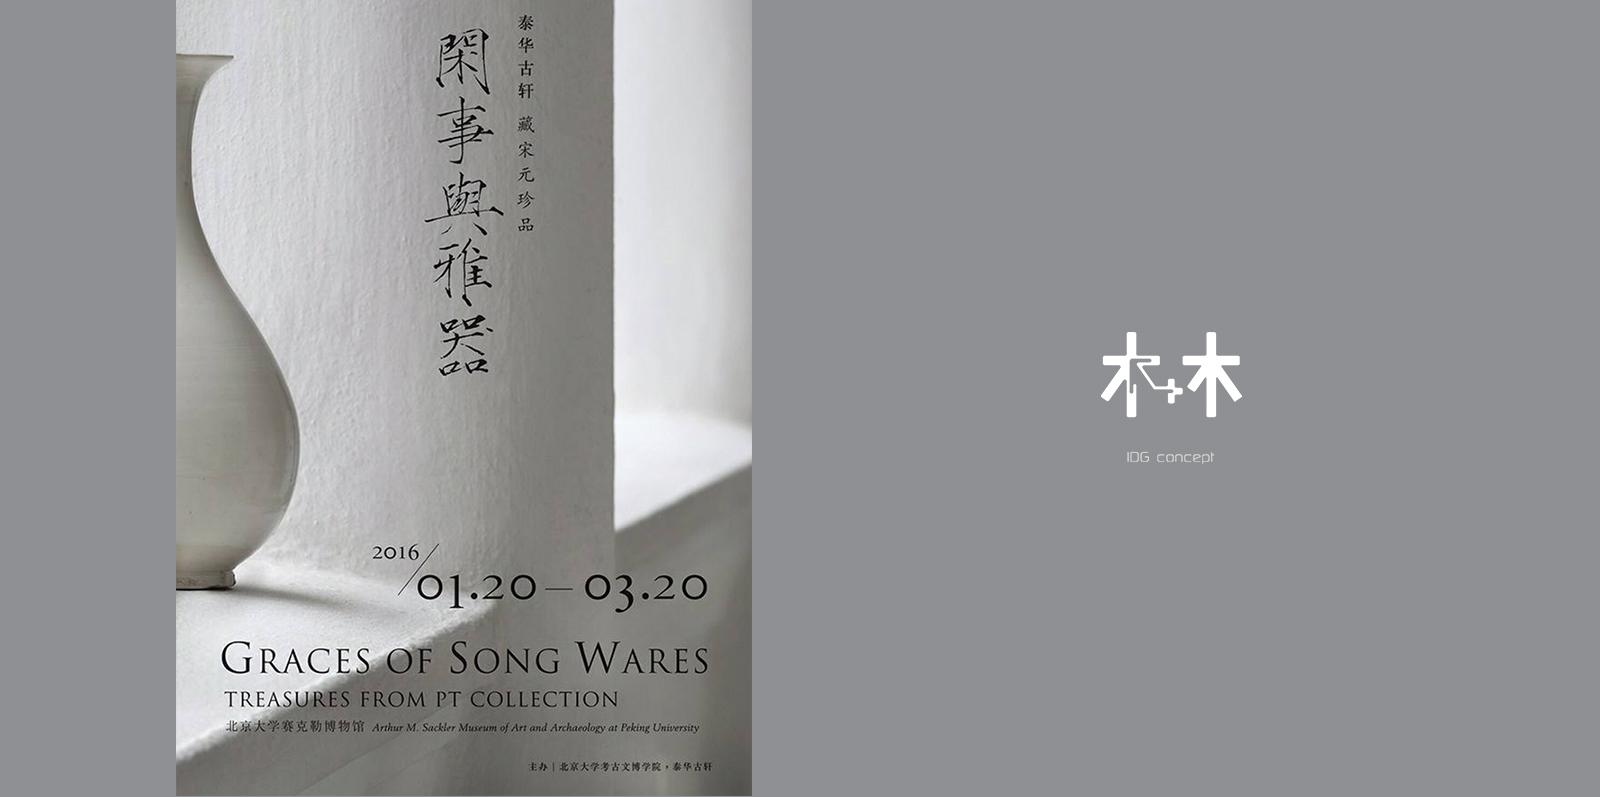 北京大學 x 香港泰華古軒  閒事與雅器 木+木 有幸參與協辦